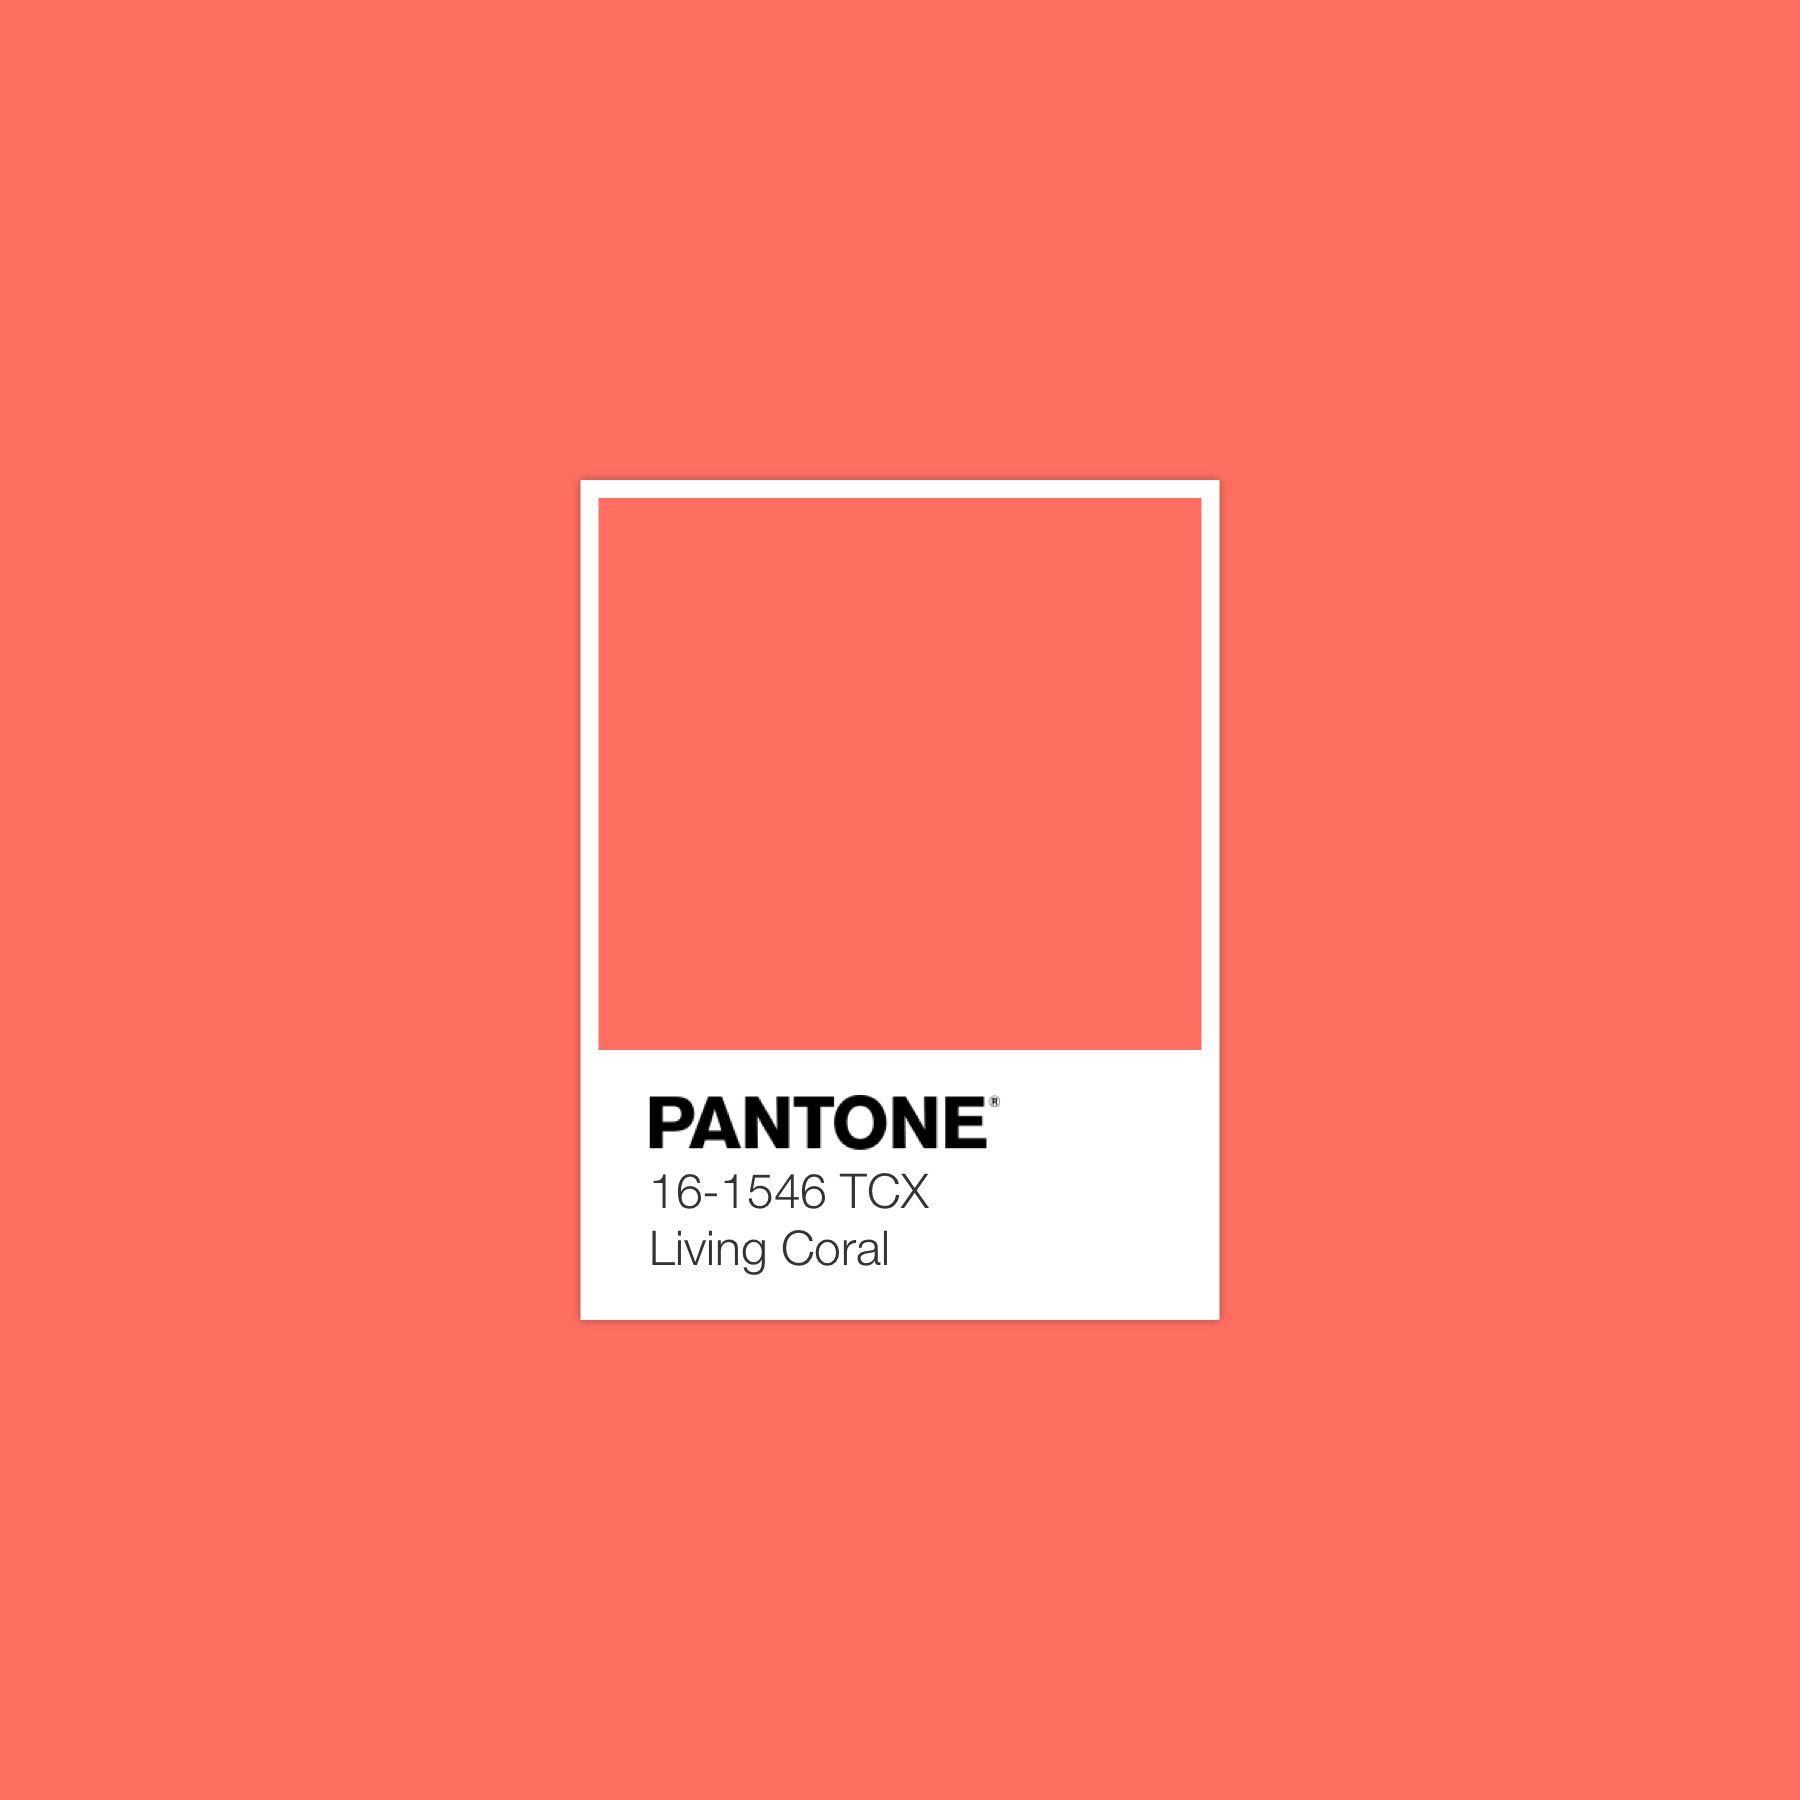 Brand Public Pantone 2019